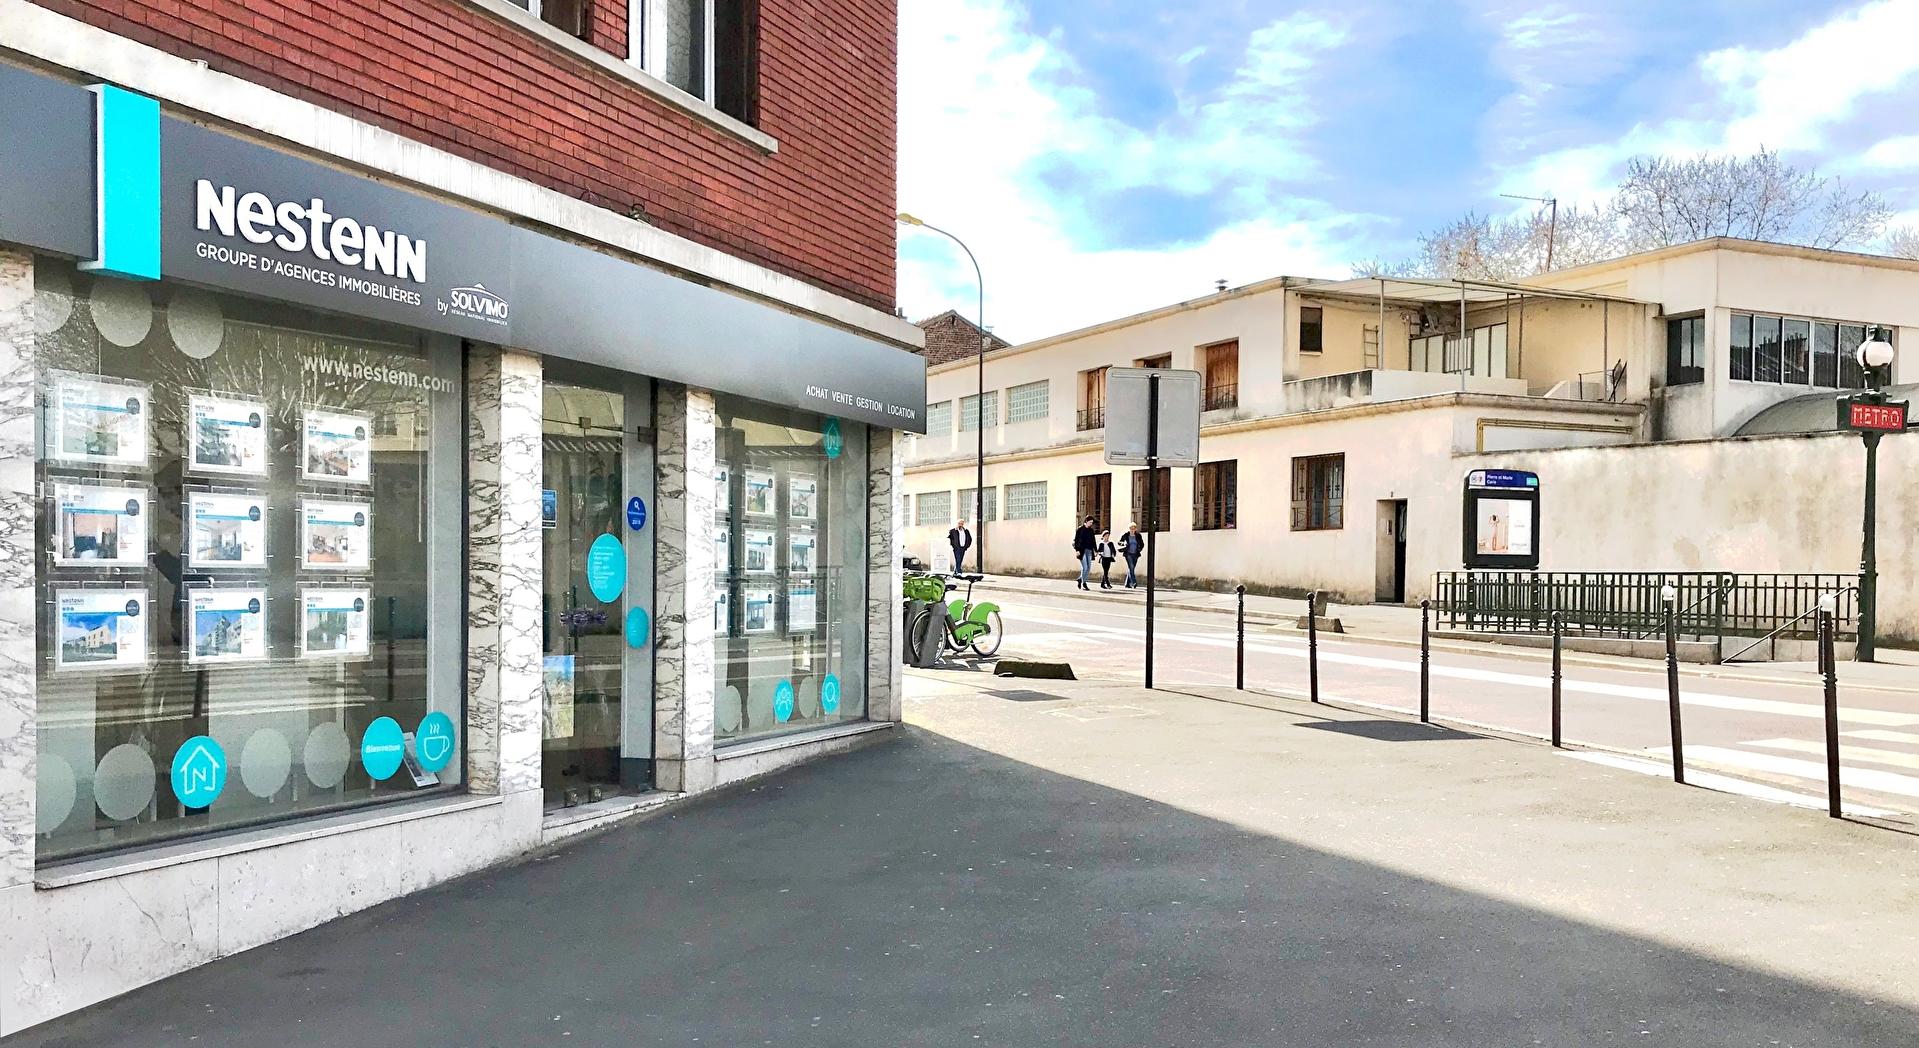 Immobilier Ivry-sur-Seine 94200 Nestenn